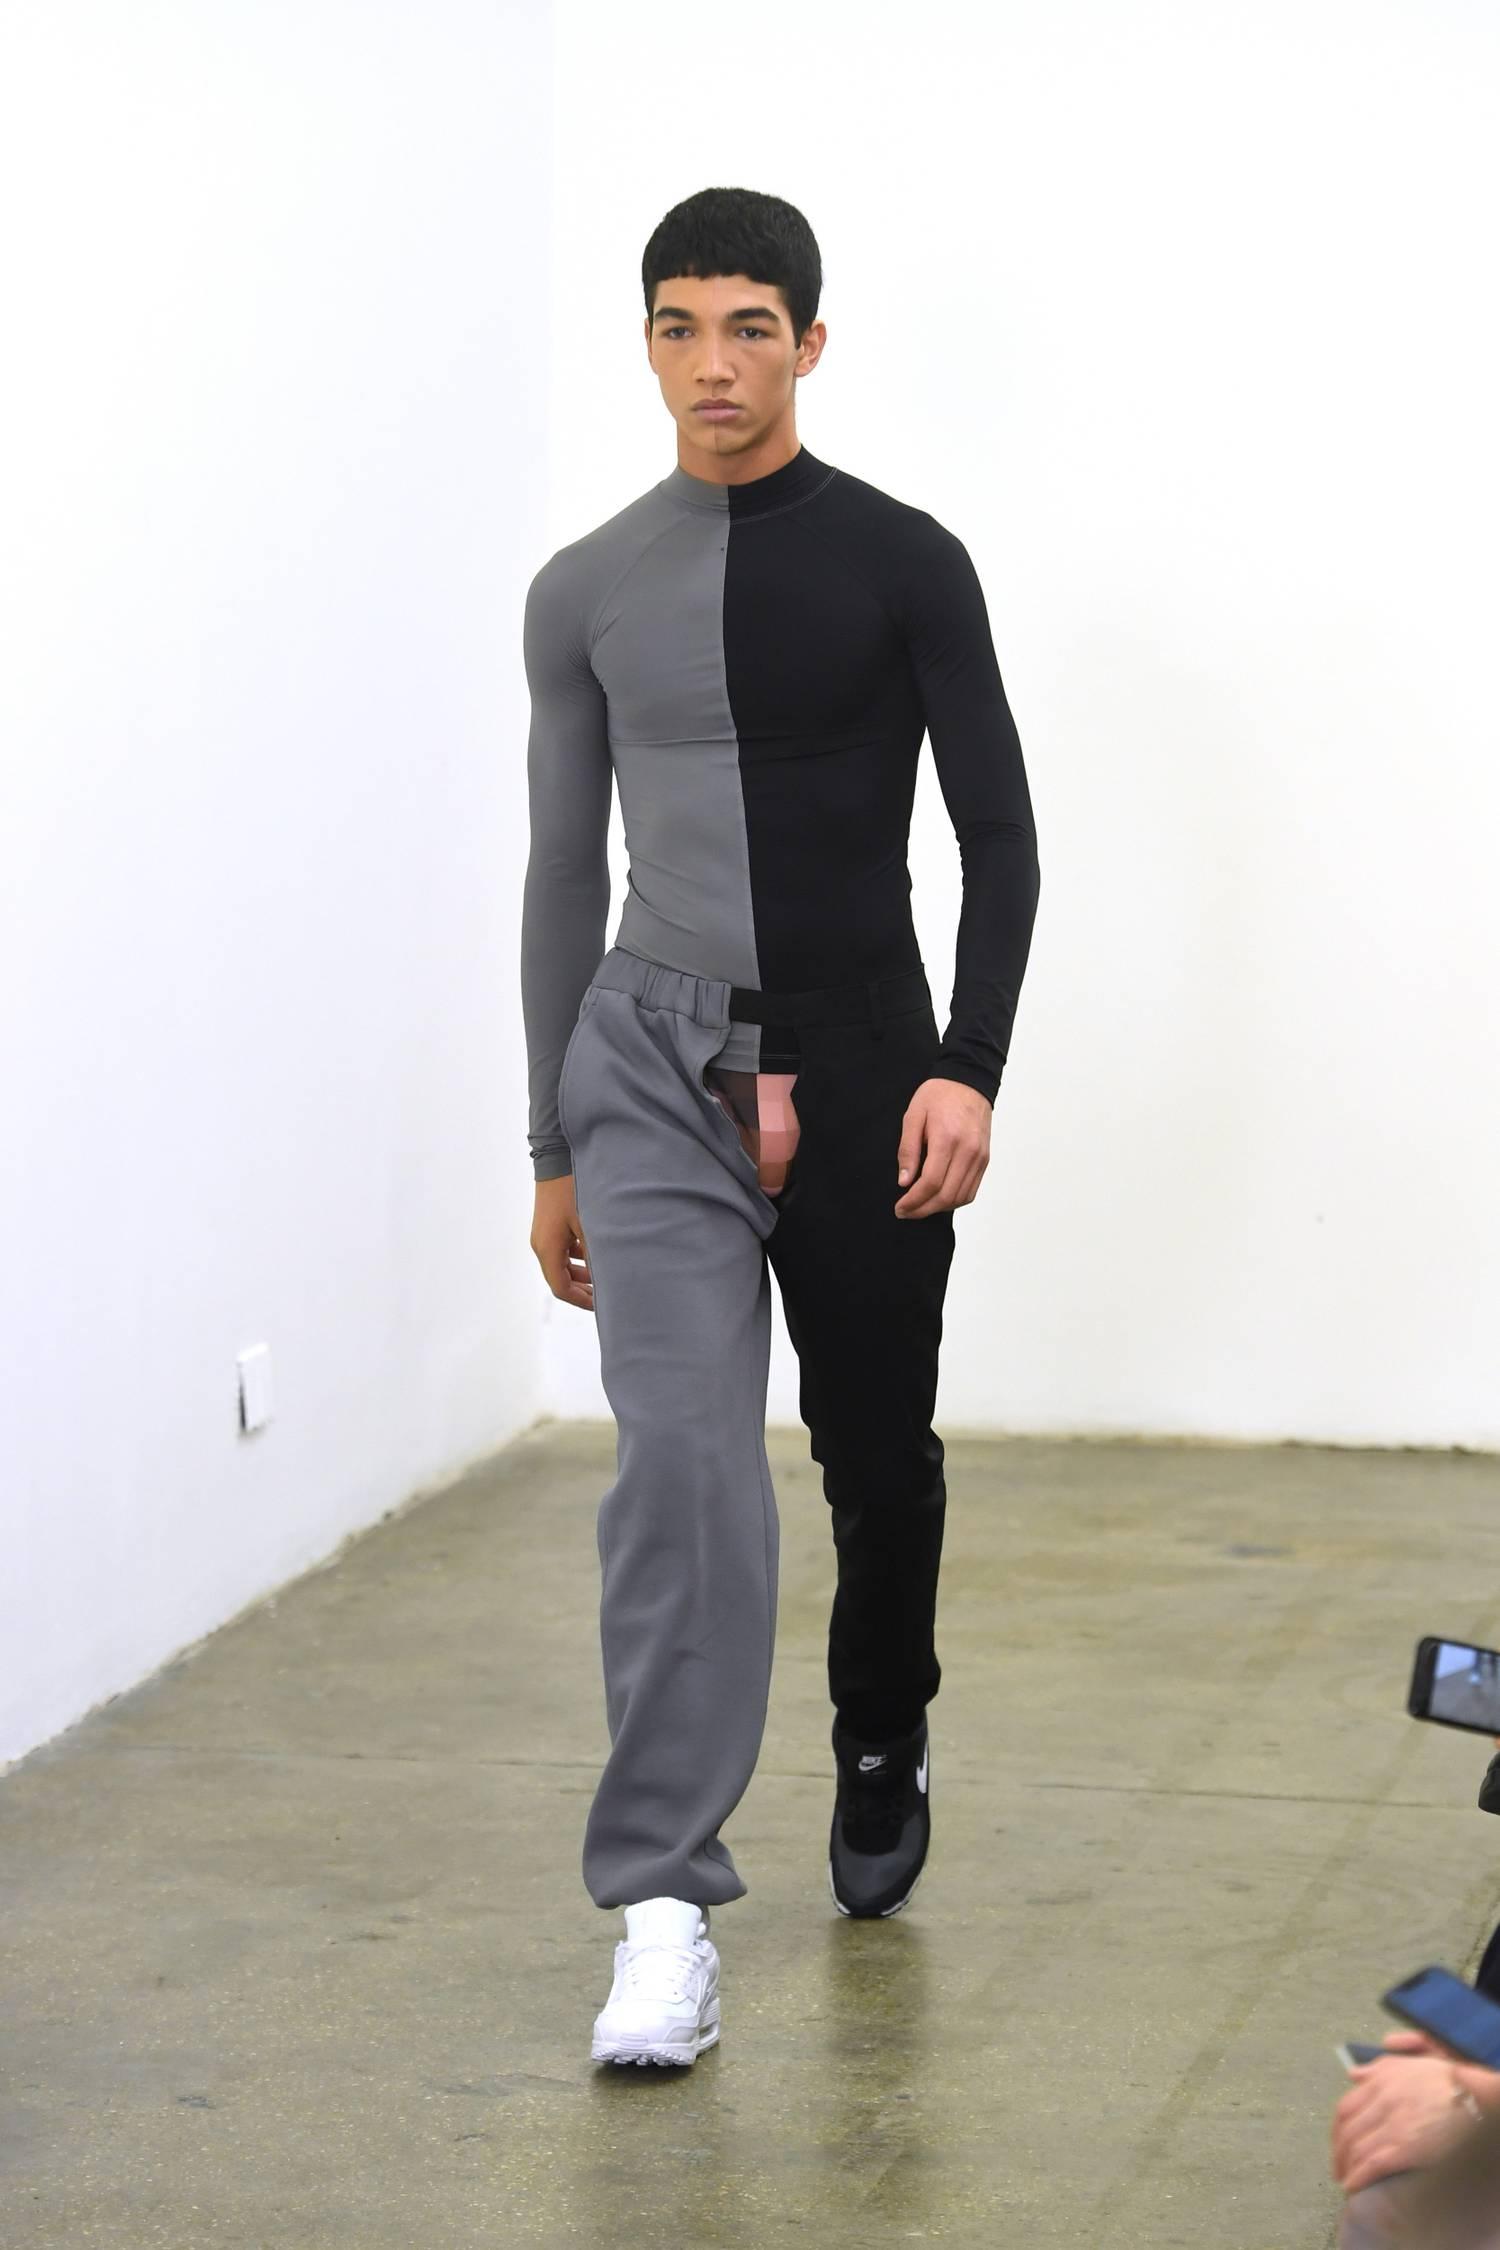 öltöny pénisz